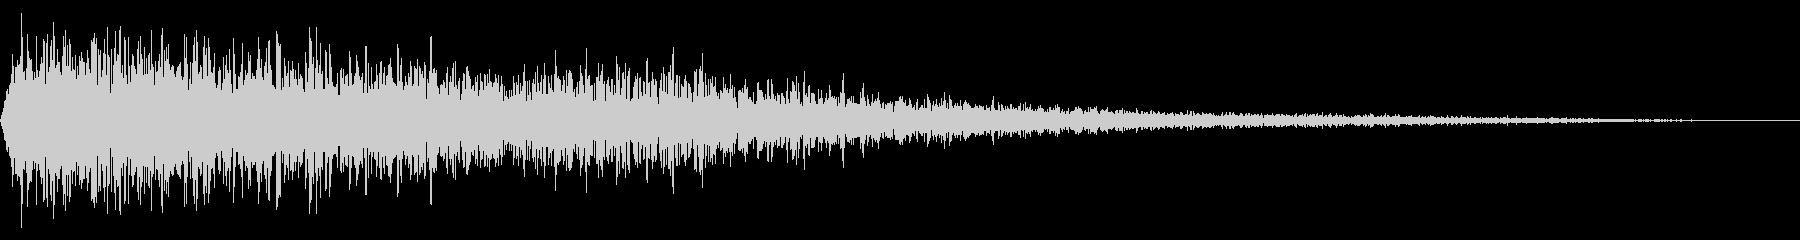 ビッグブーマーインパクト1の未再生の波形